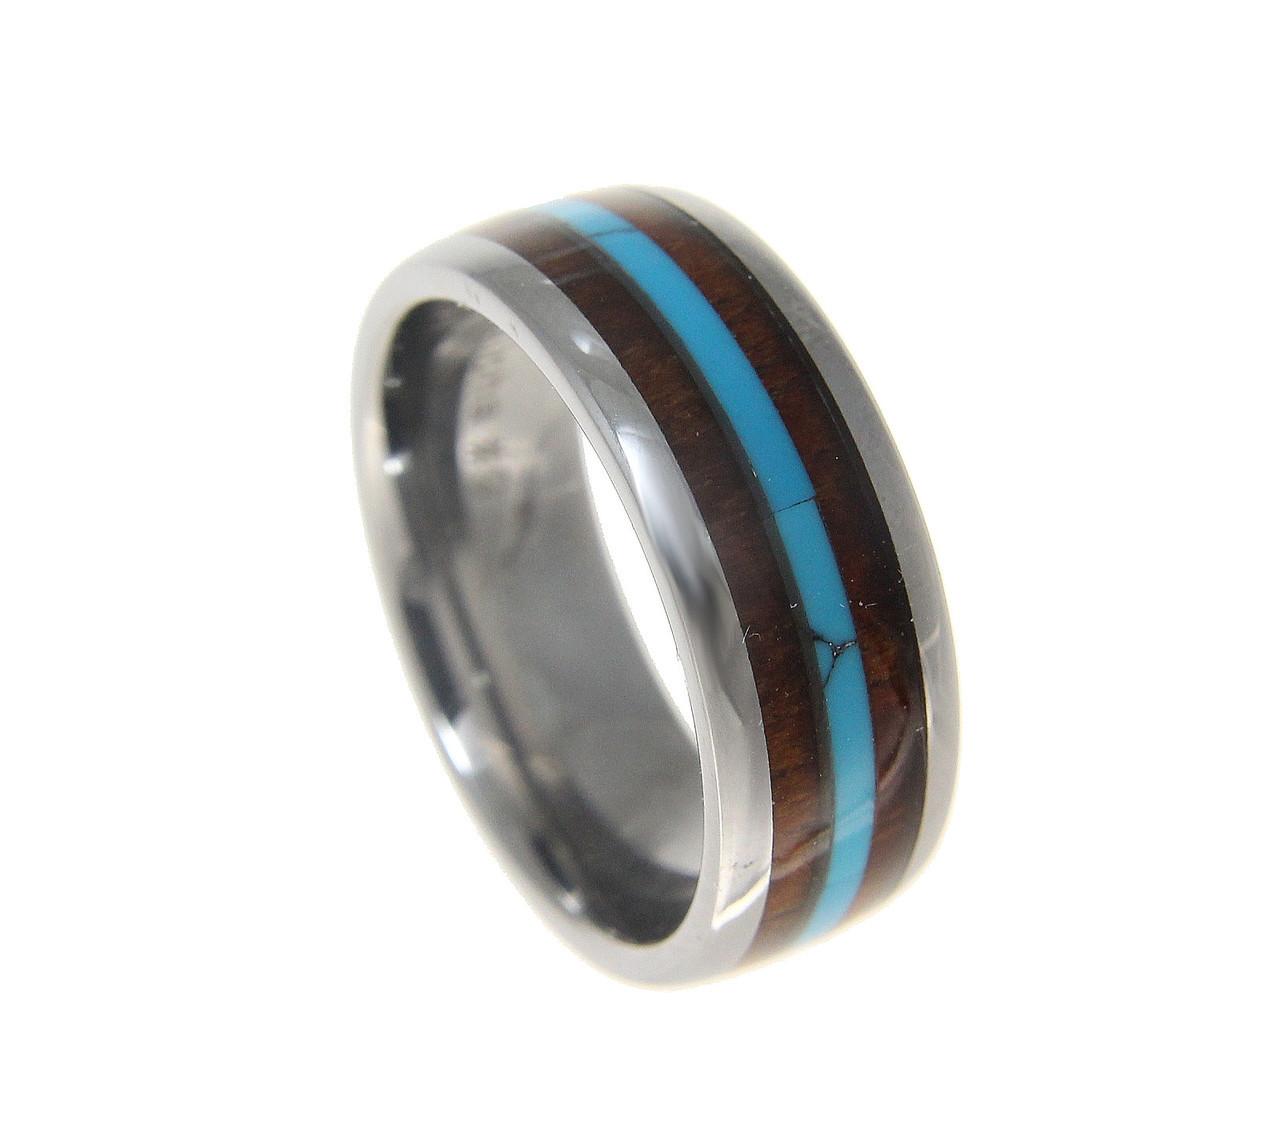 Hawaiian Koa Wood Inlaid Turquoise Center Tungsten Wedding Band: Koa Inlay Wedding Ring At Websimilar.org